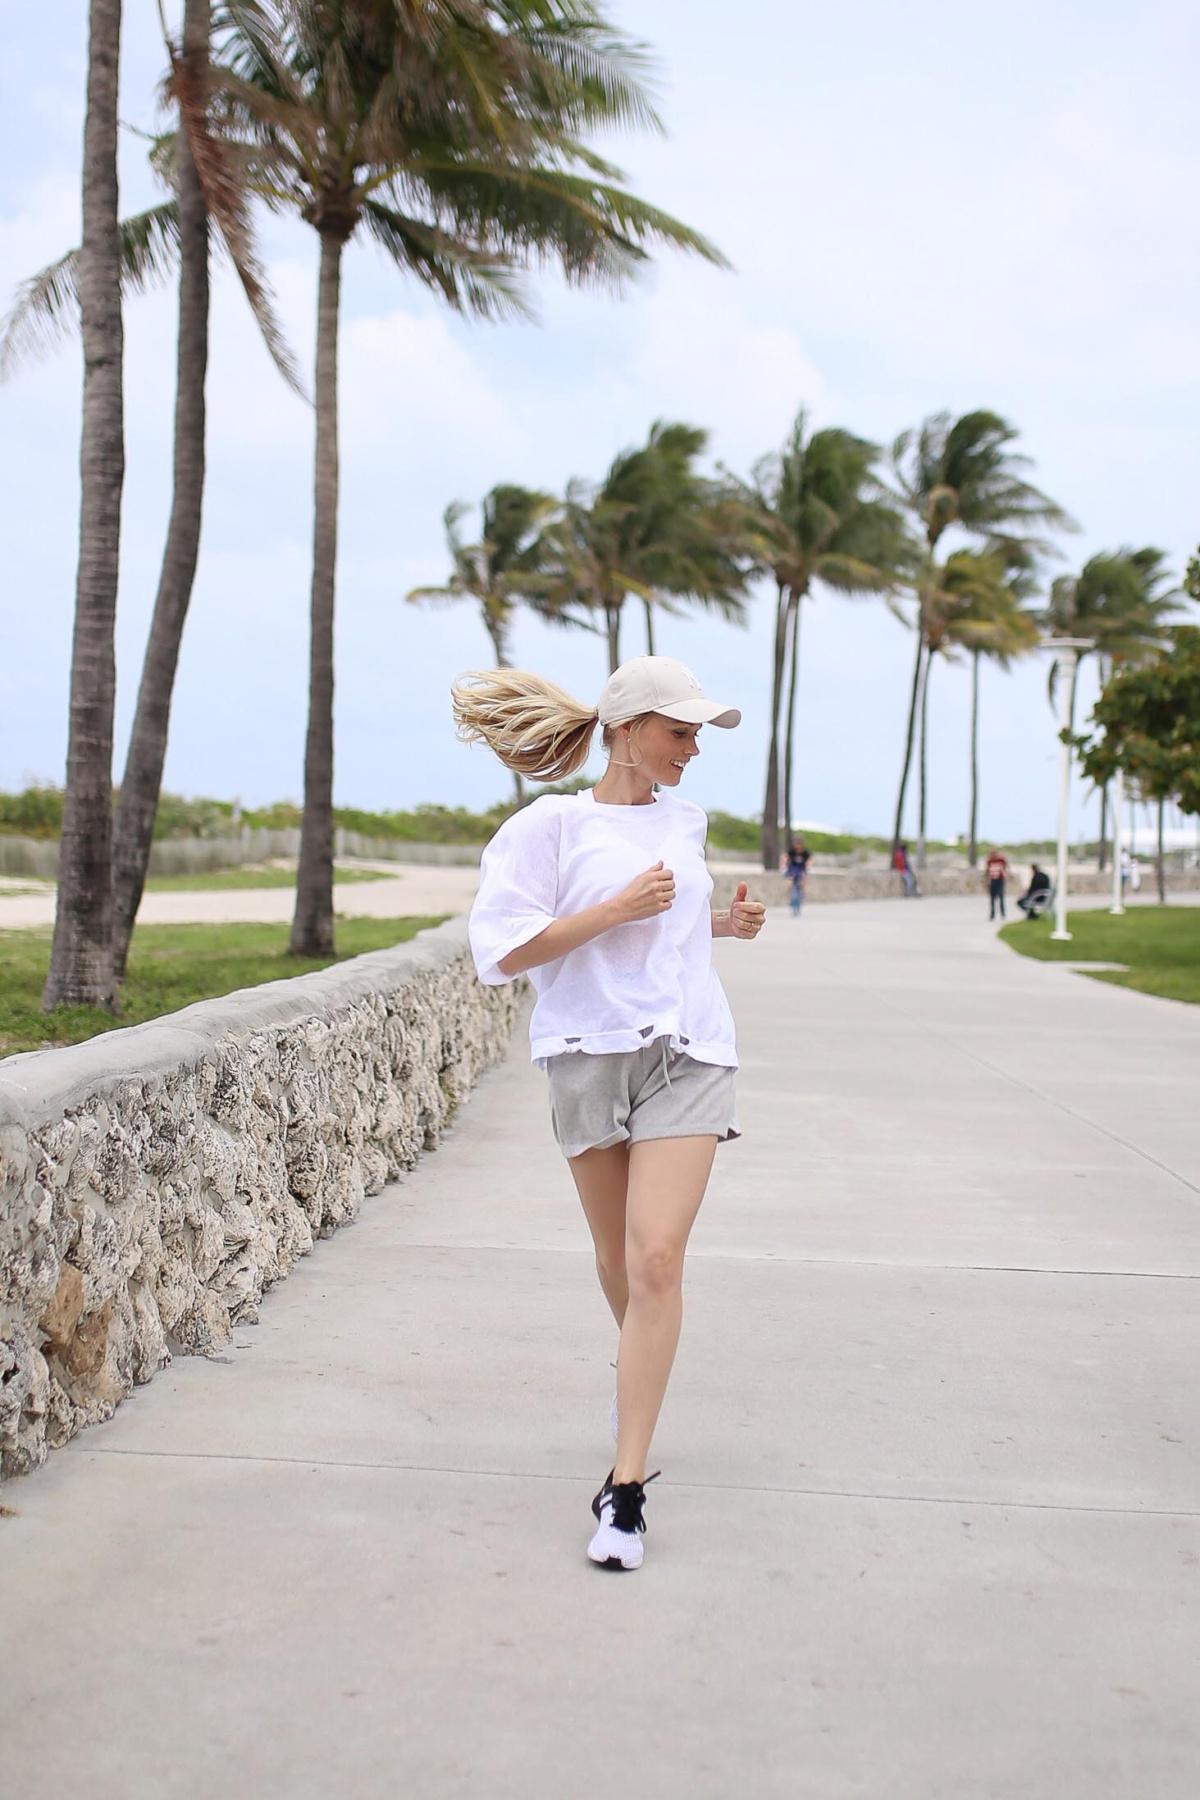 stylingliebe-lifestyleblogger-fitnessblog-fashionblog-muenchen-styleblog-munich-blogger-deutschland-lifestyleblog-reiseblog-travelblogger-eine-runde-fitness-an-der-miami-beach-promenade-1